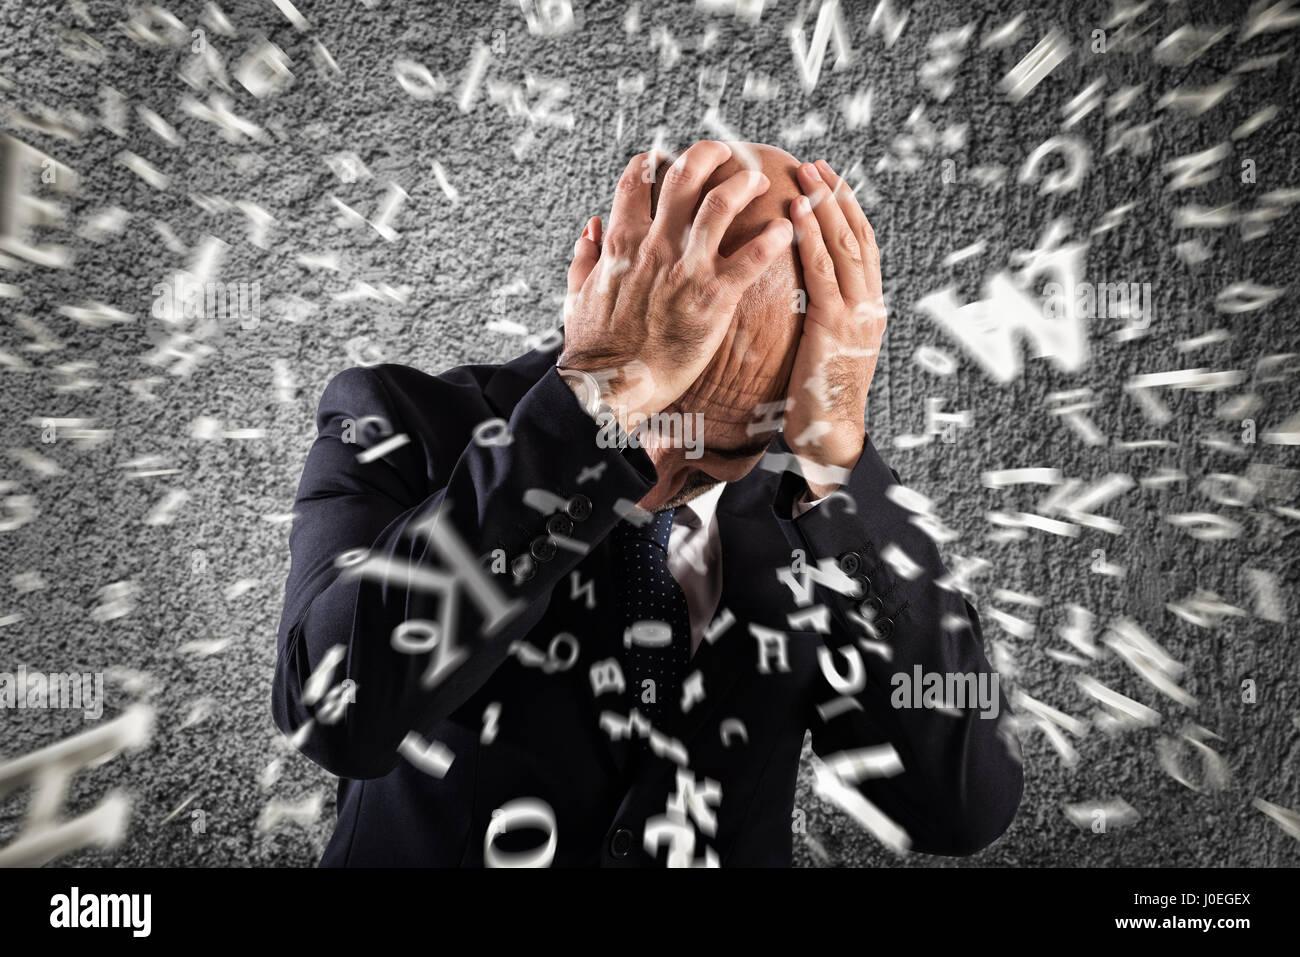 Empresario aturdido por un fuerte dolor de cabeza Imagen De Stock